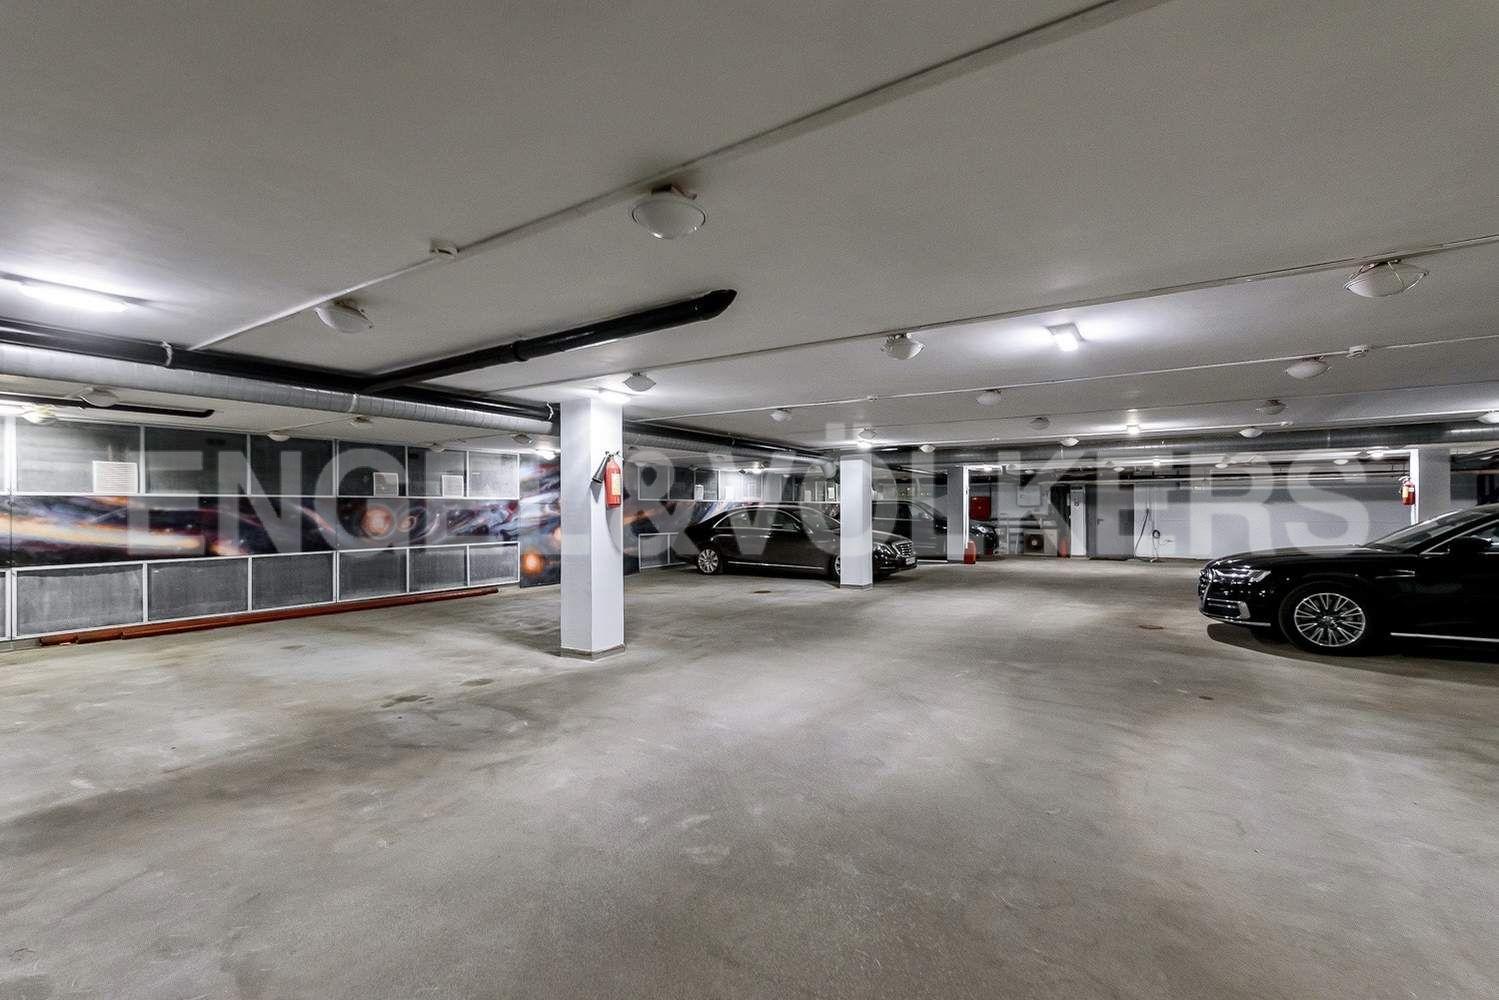 Элитные квартиры в Центральном районе. Санкт-Петербург, Итальянская ул., 4. Отапливаемый паркинг